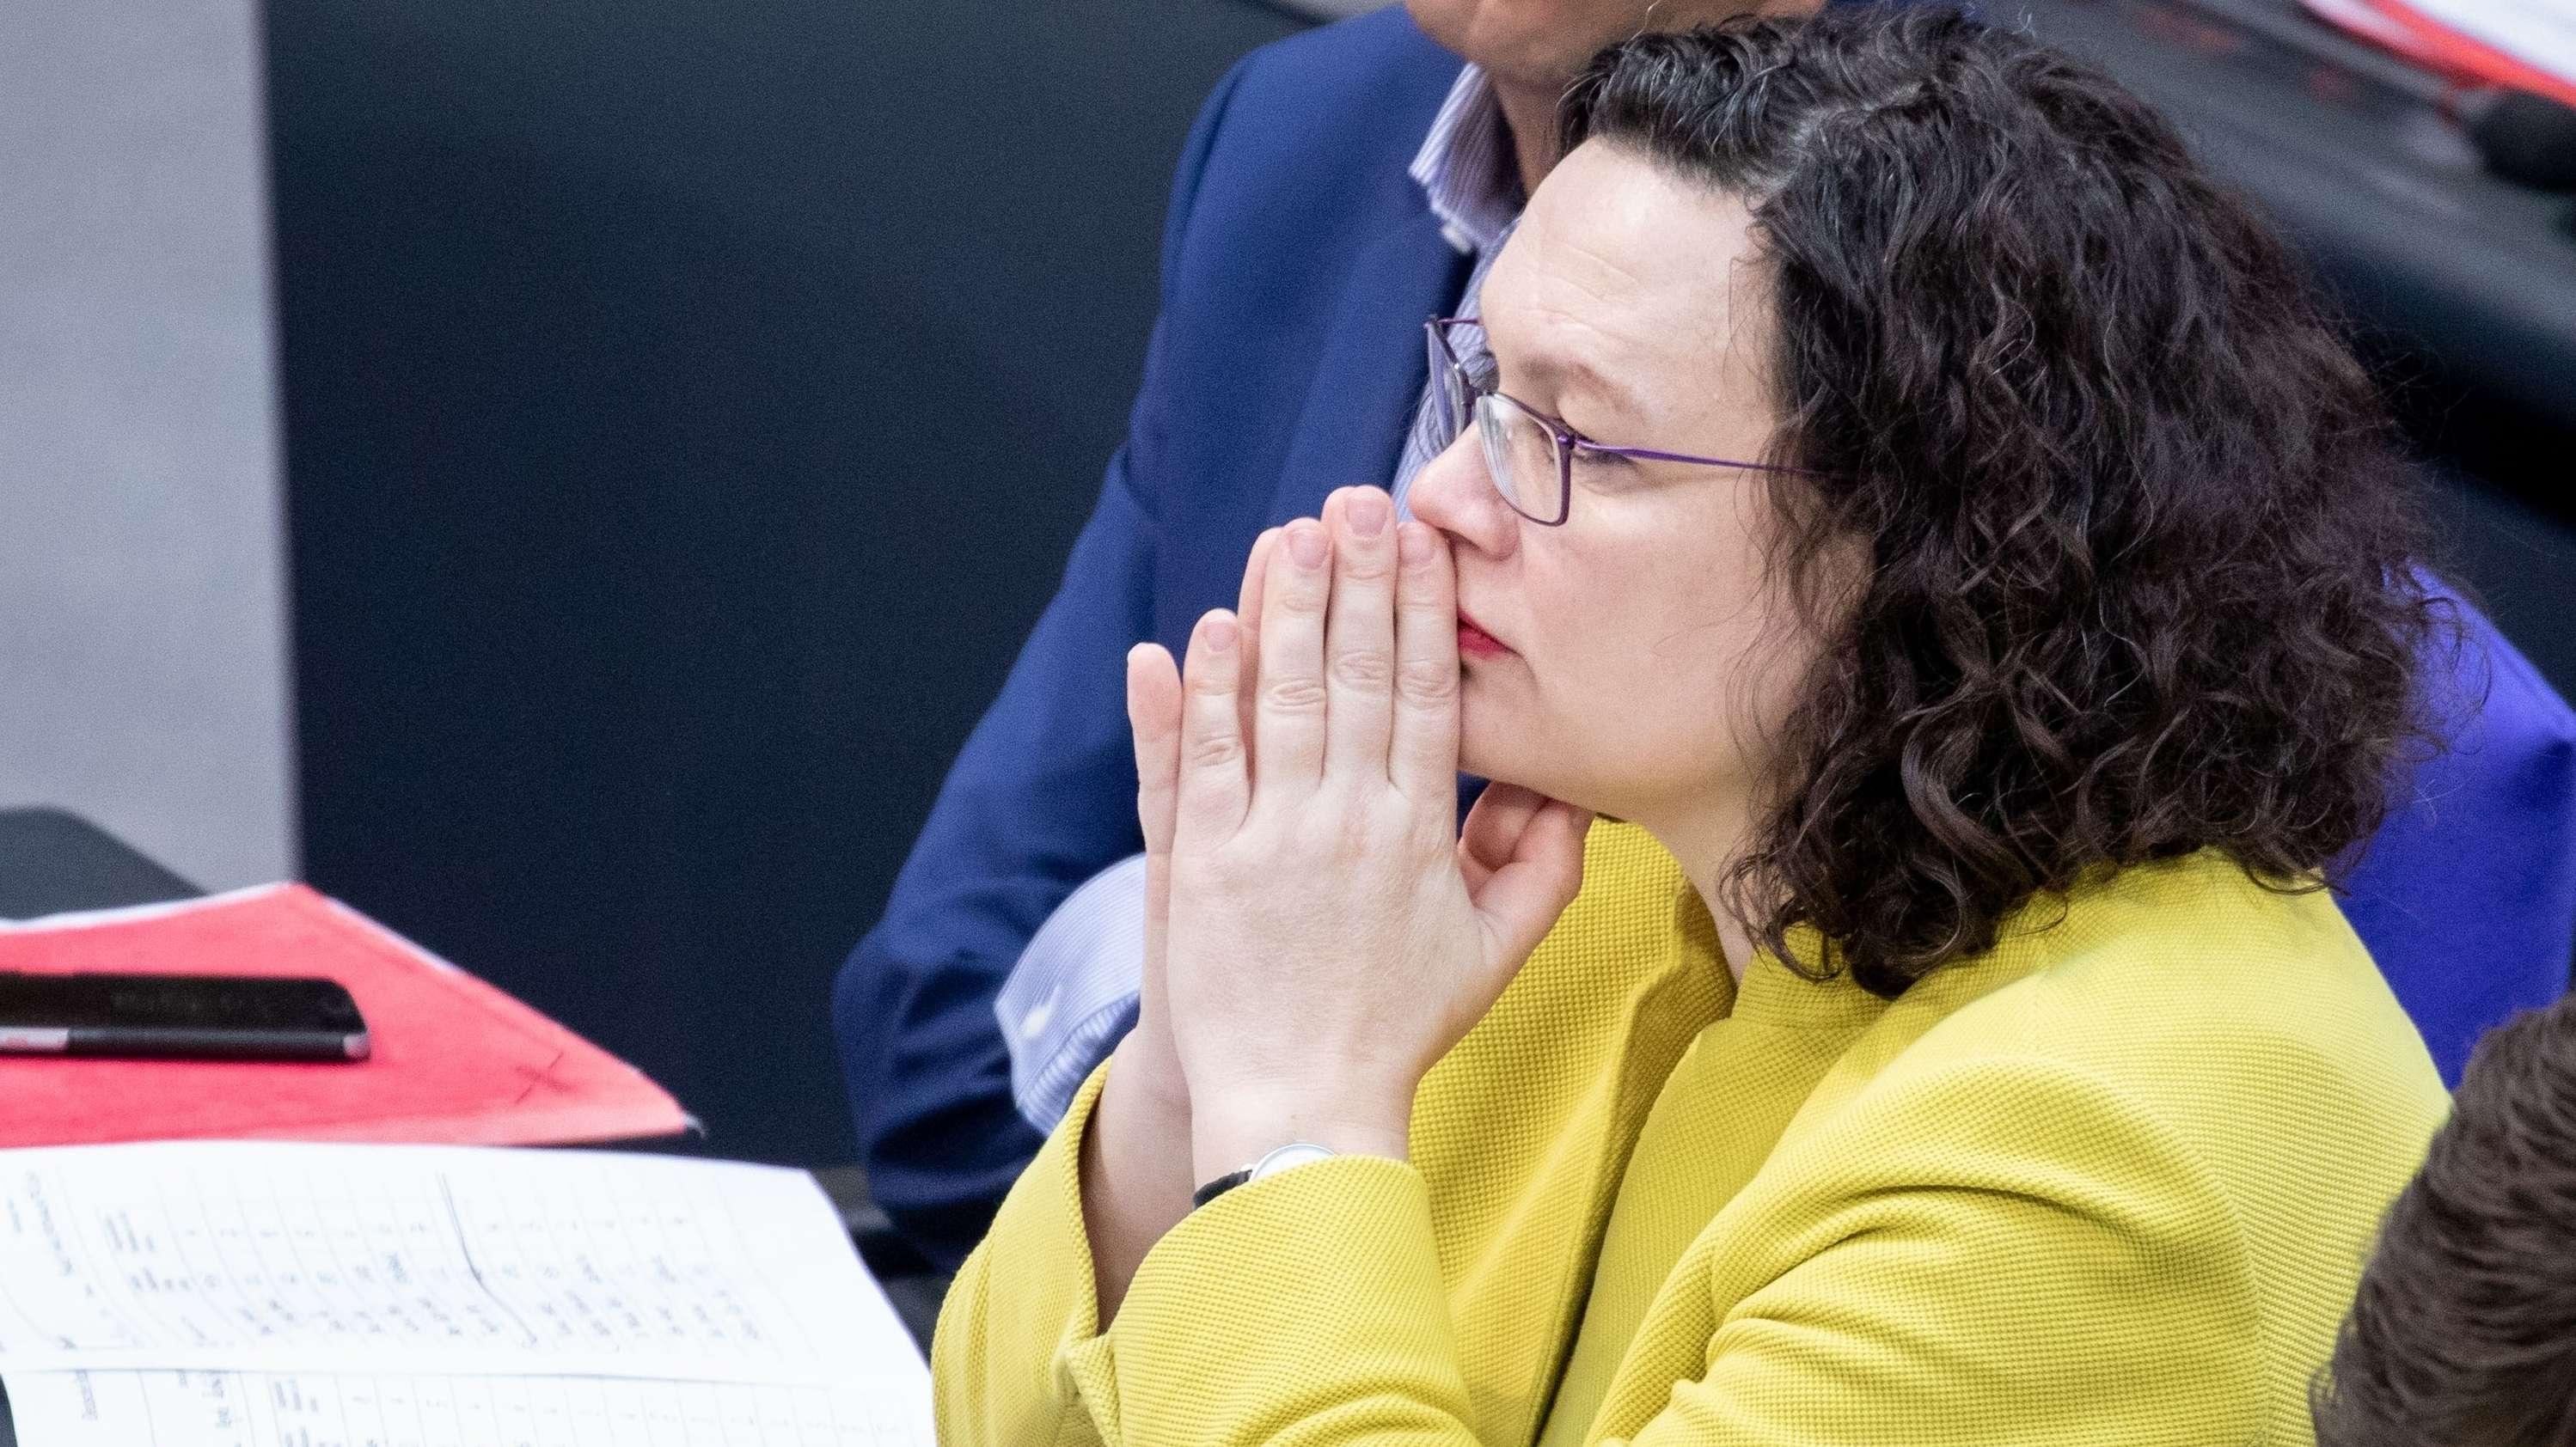 SPD-Parteivorsitzende Andrea Nahles bei einer Sitzung des Bundestages